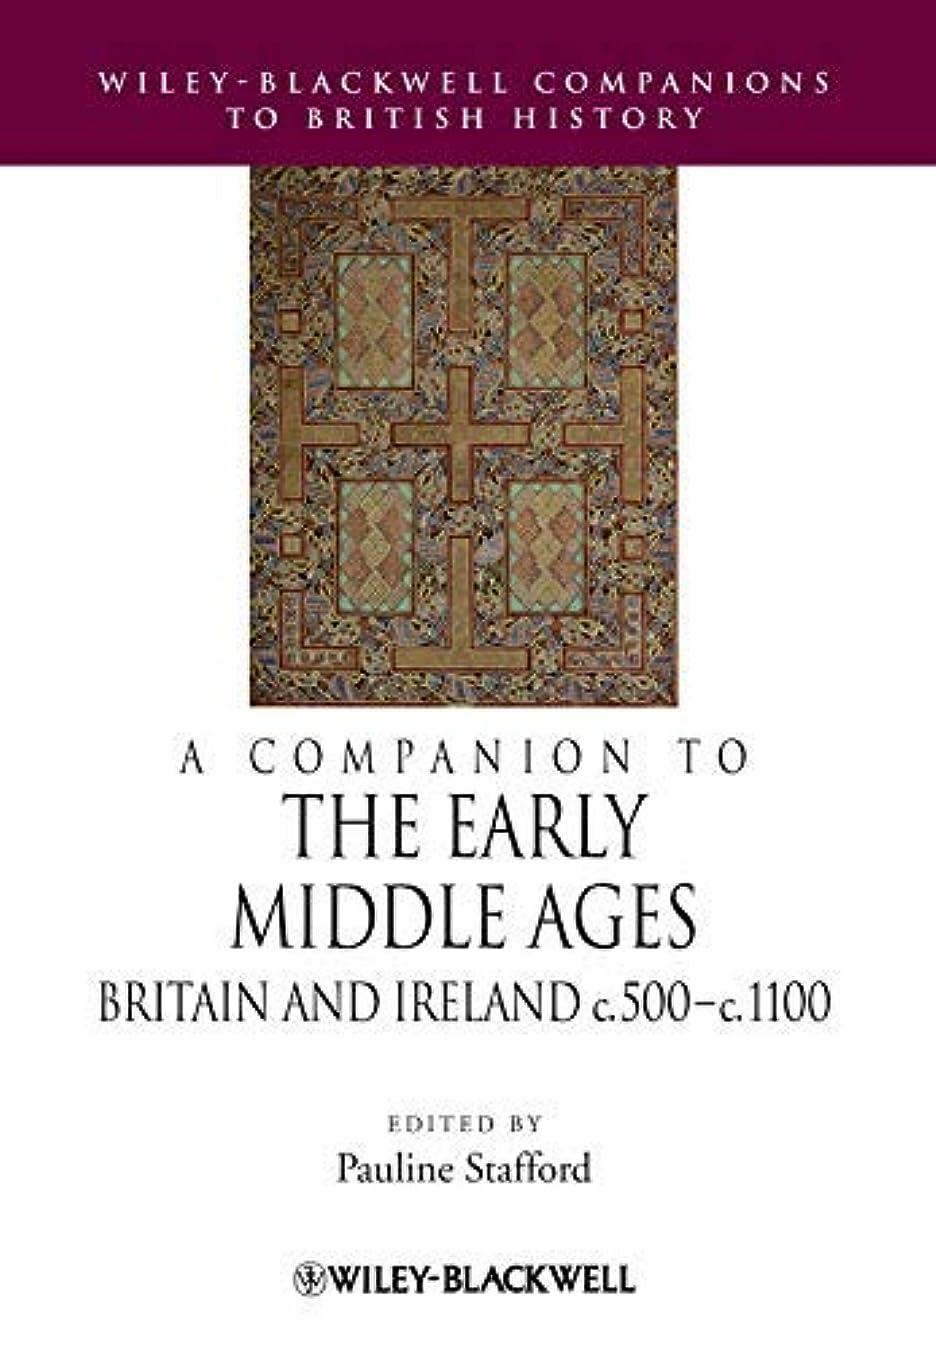 セグメントピカリング復讐A Companion to the Early Middle Ages: Britain and Ireland c.500 - c.1100 (Blackwell Companions to British History Book 21) (English Edition)